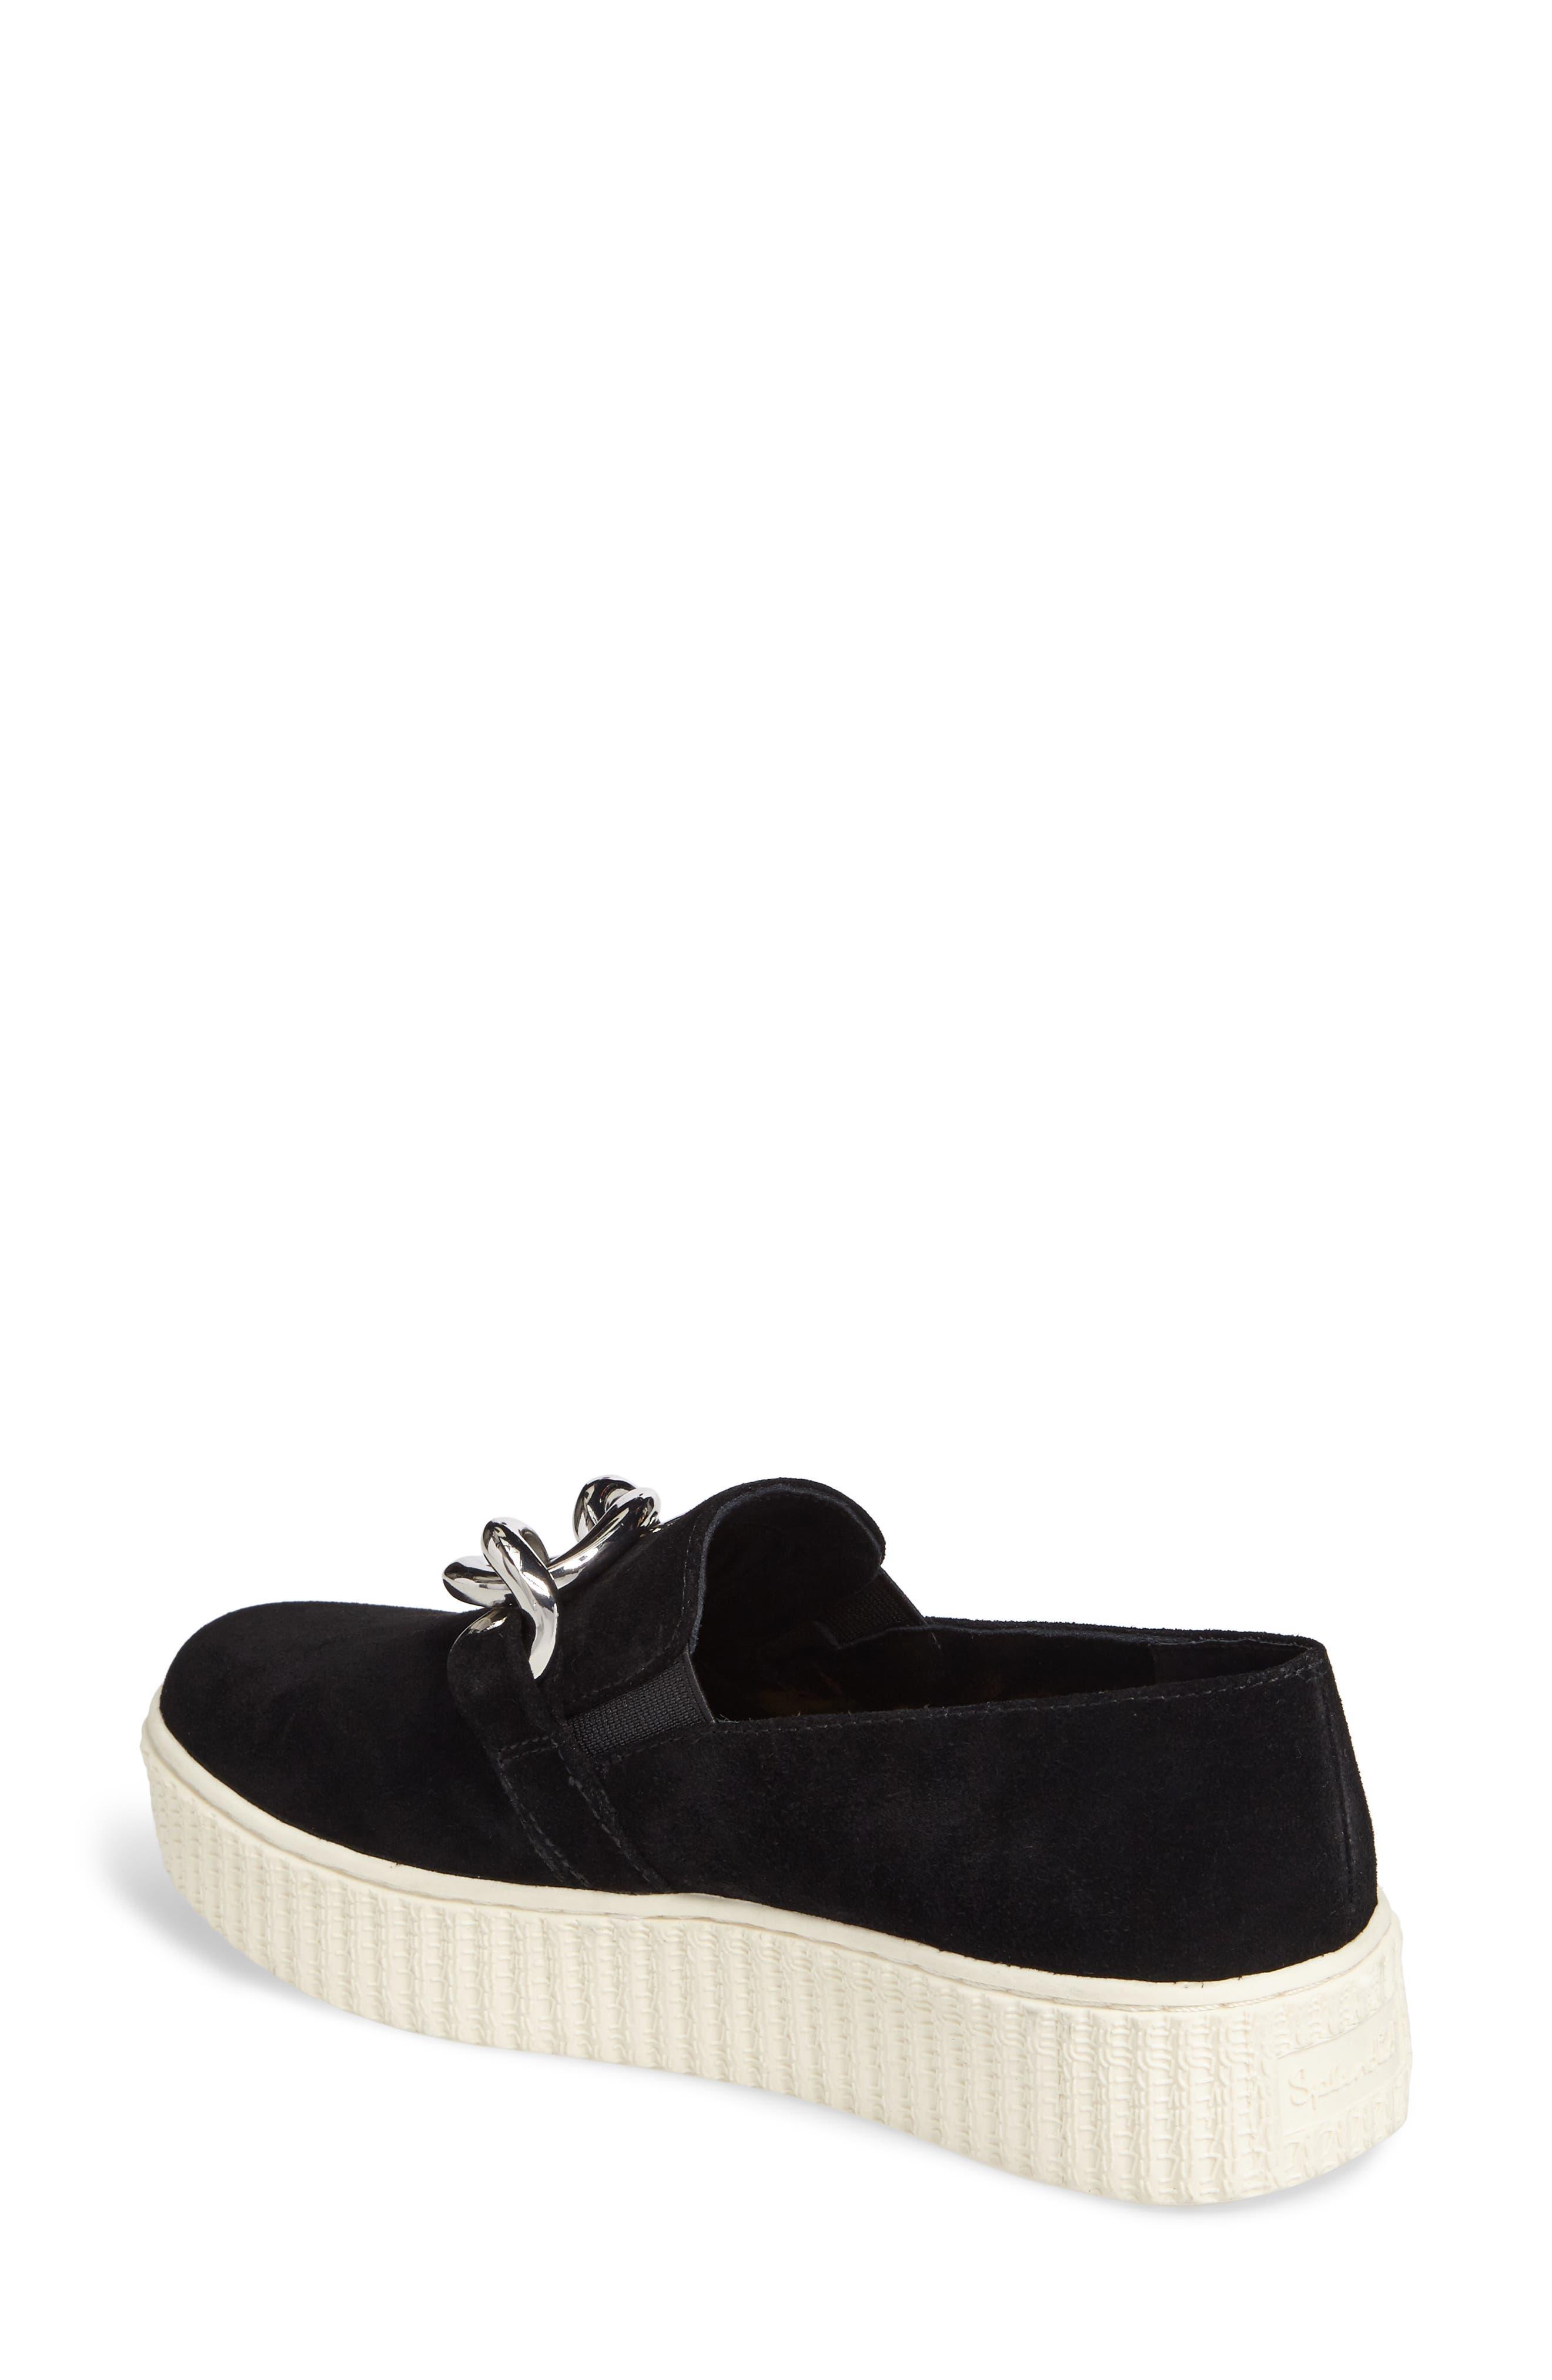 Roberta Platform Sneaker,                             Alternate thumbnail 2, color,                             013